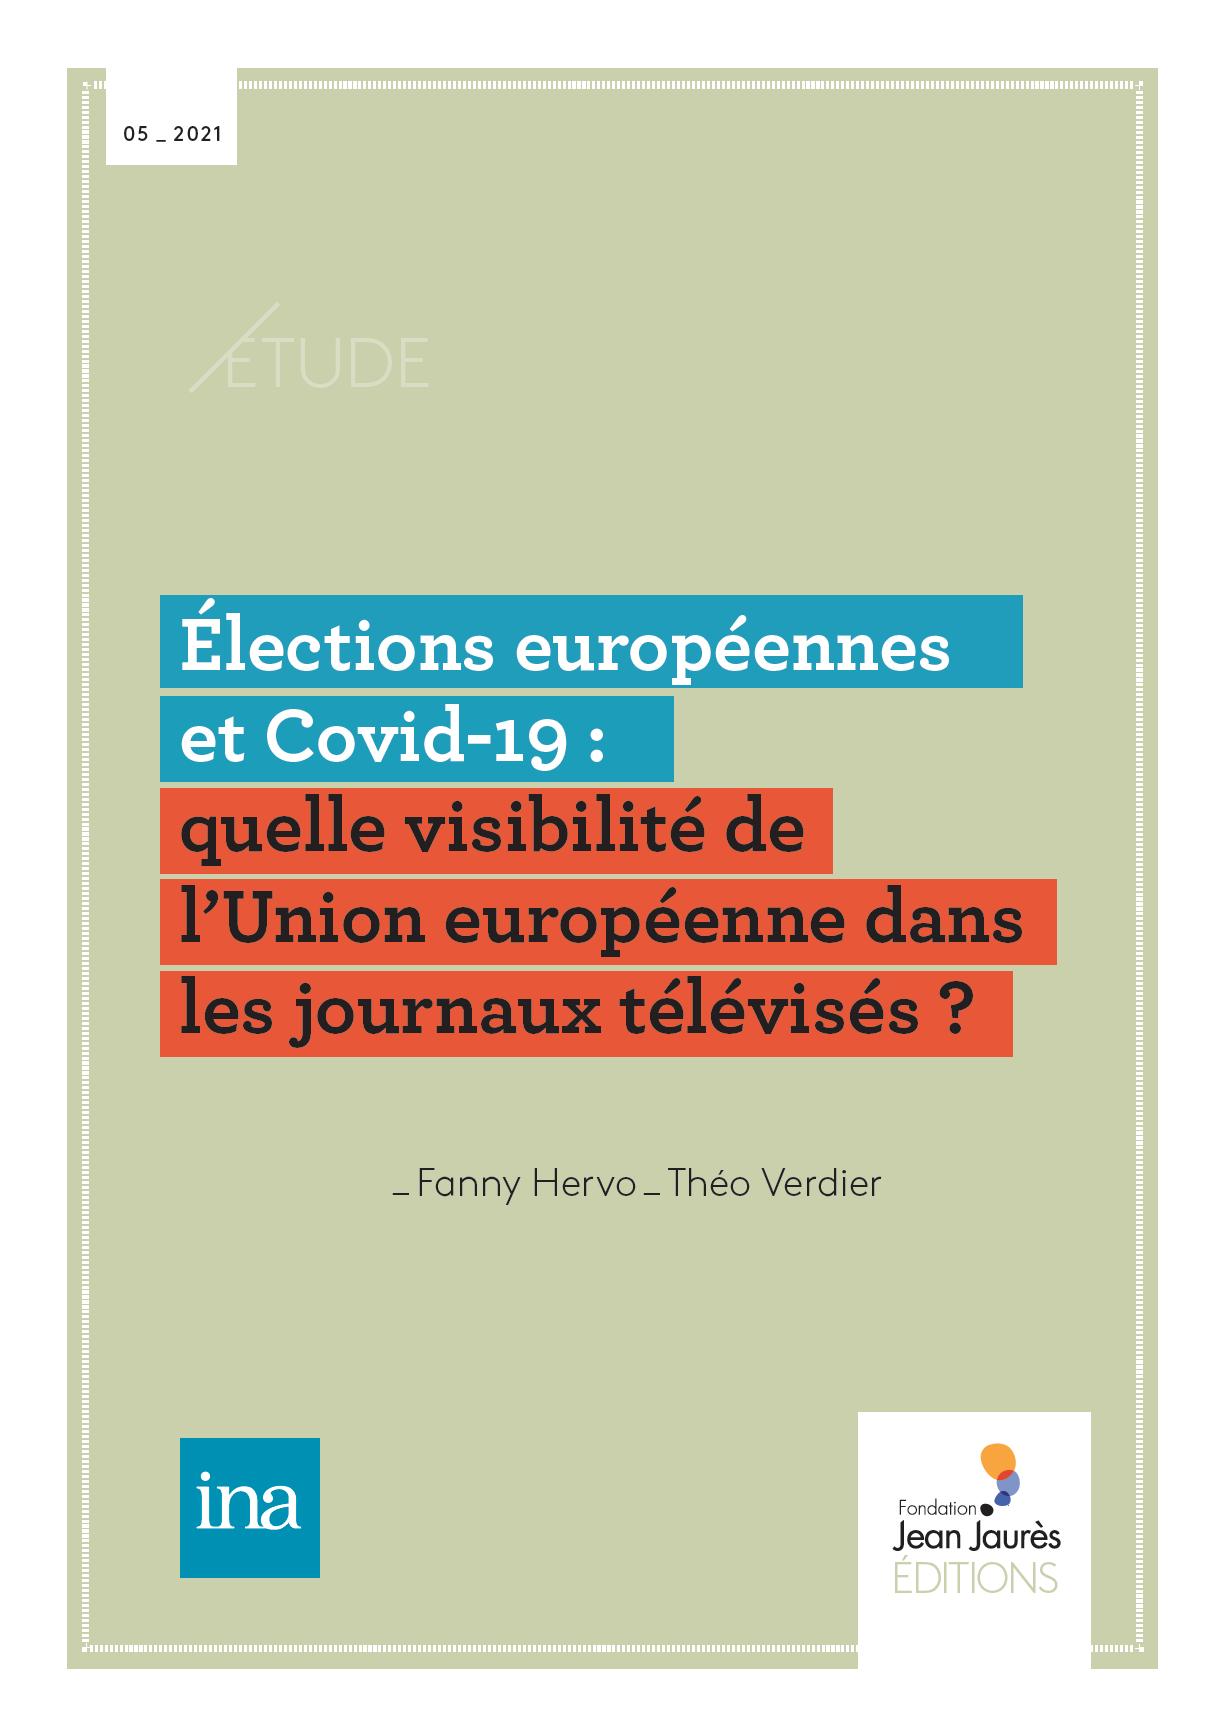 Élections européennes et Covid-19